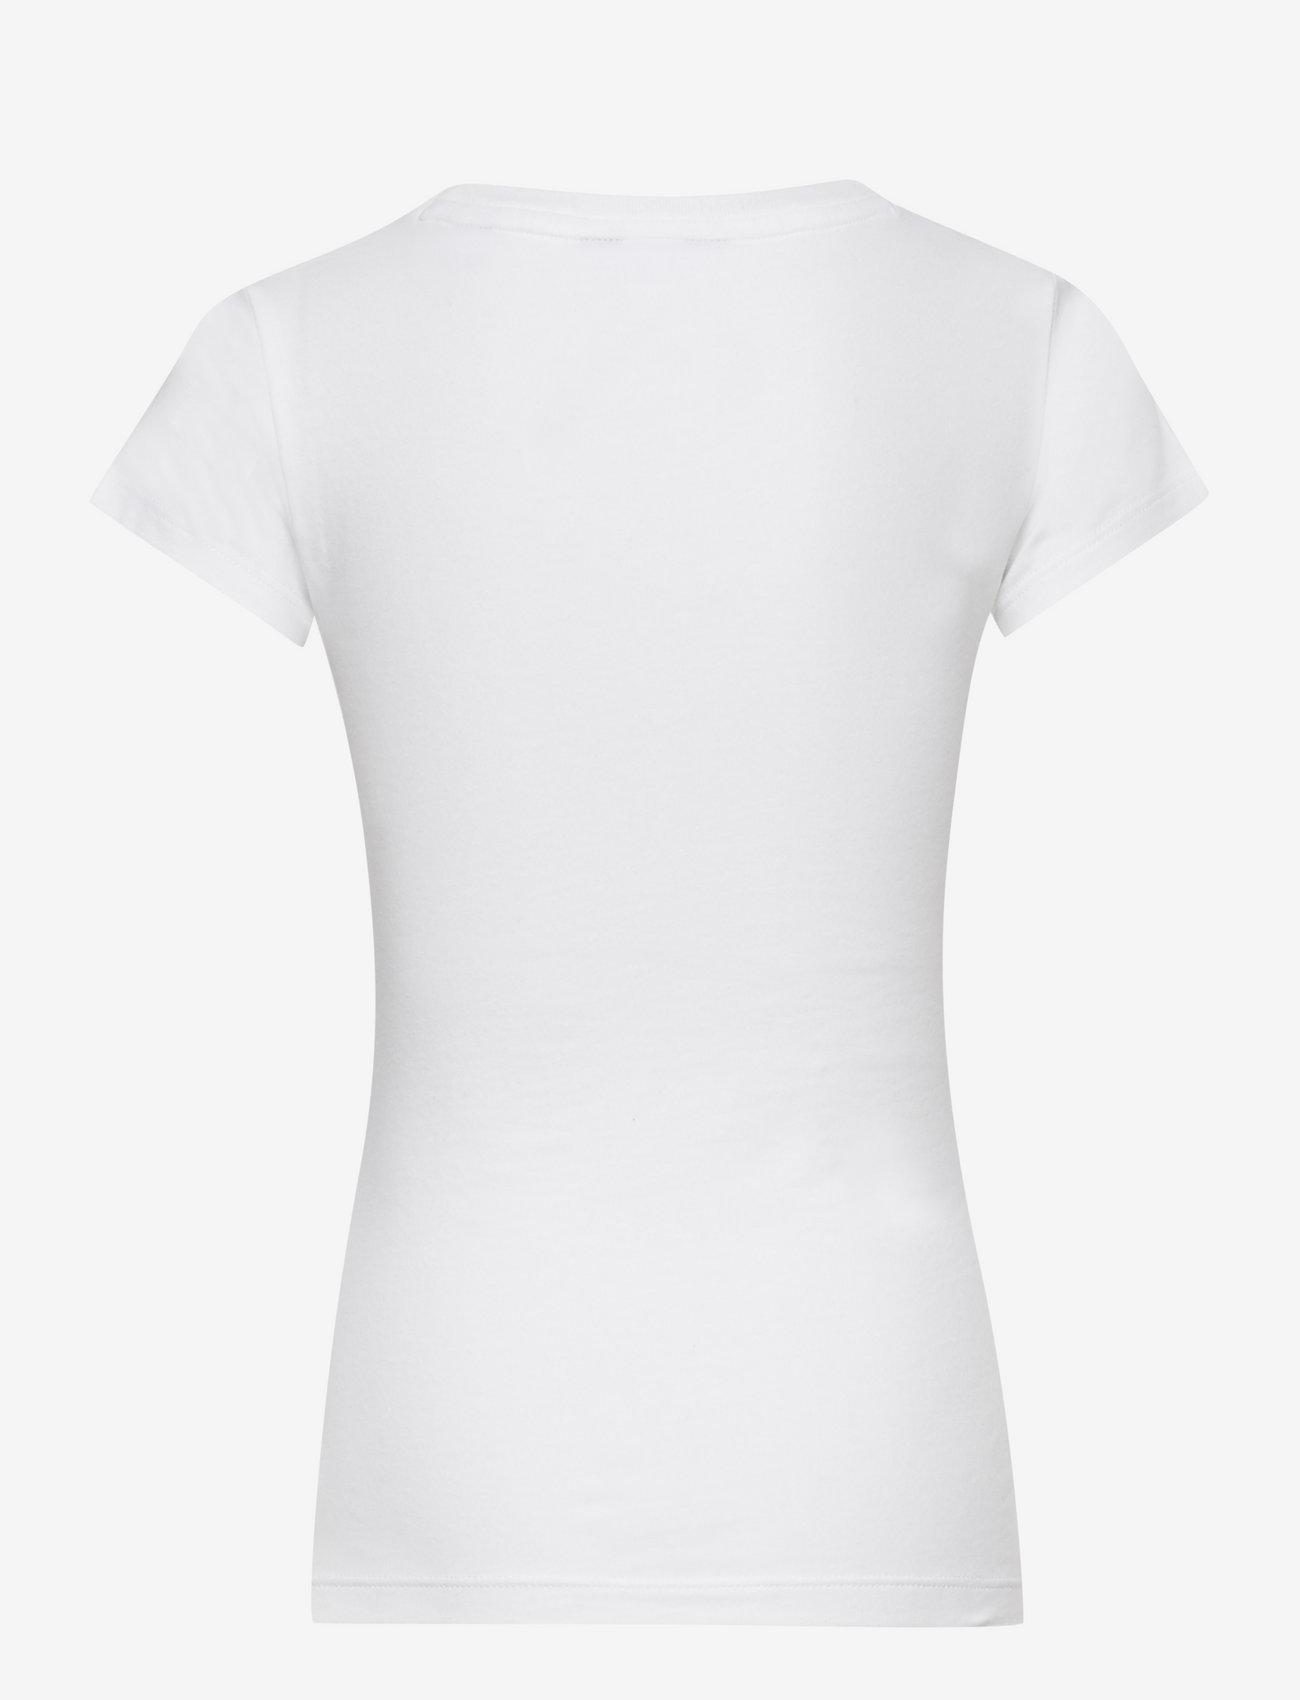 GANT - FITTED ORIGINAL SS T-SHIRT - short-sleeved - white - 1